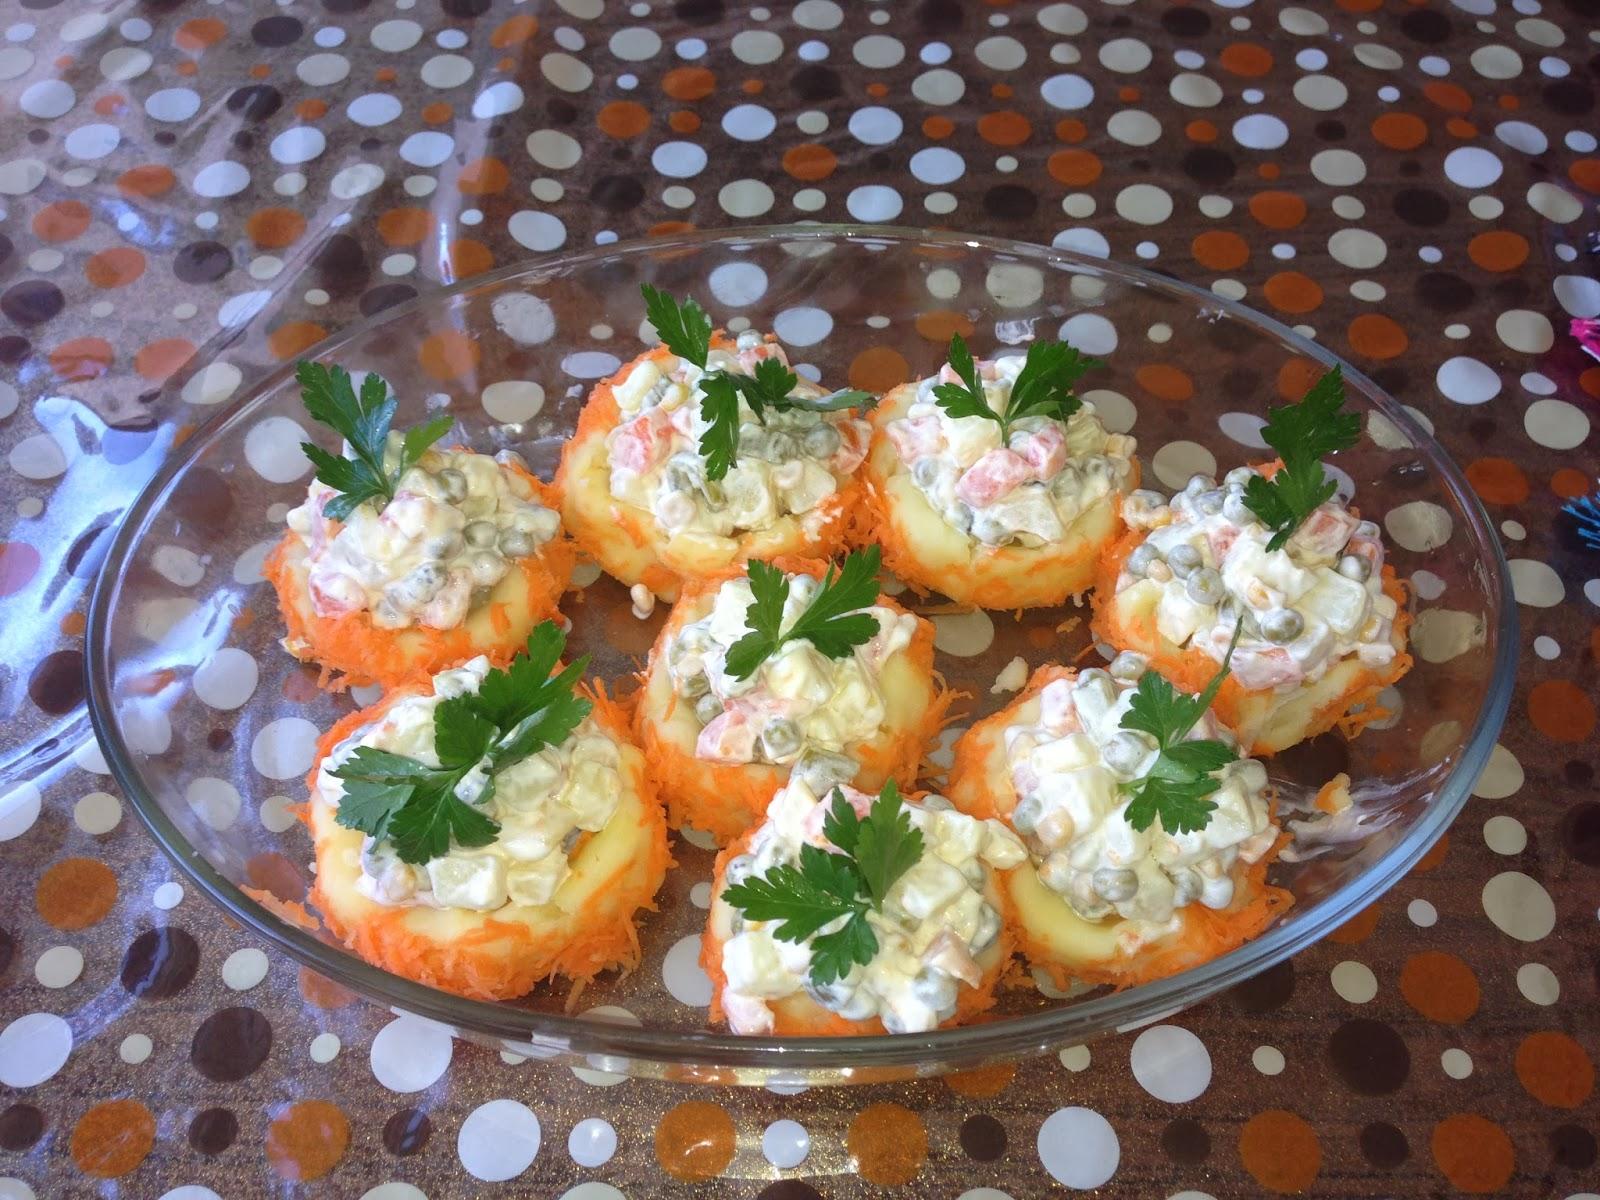 Patates salatası içindekiler ile Etiketlenen Konular 6